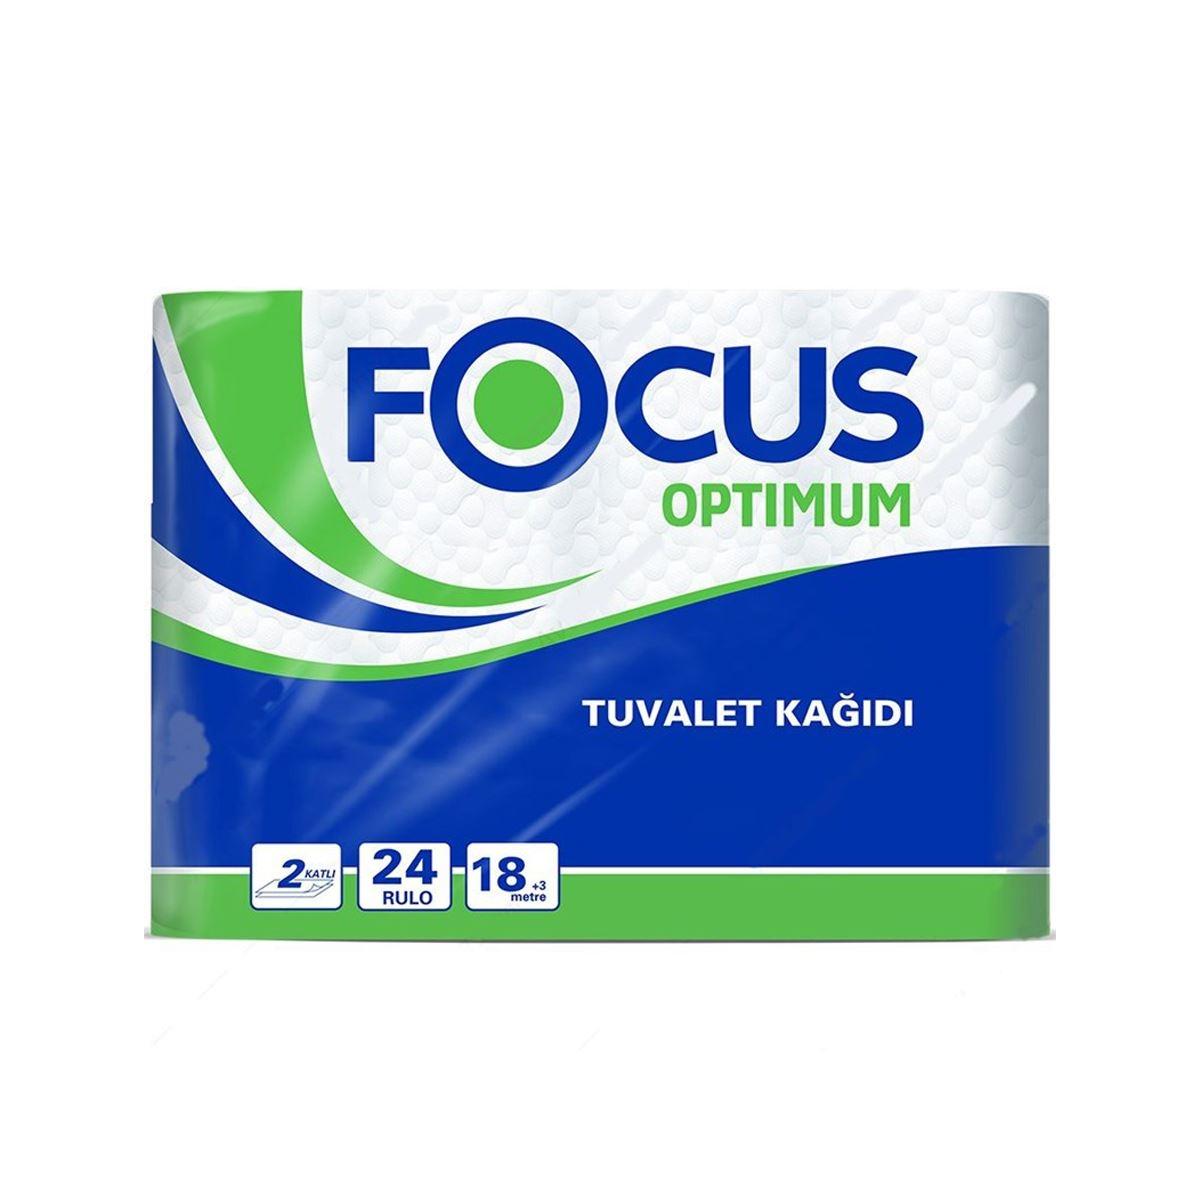 Focus Optimum Tuvalet Kağıdı 24'lü 3'lü Koli resmi